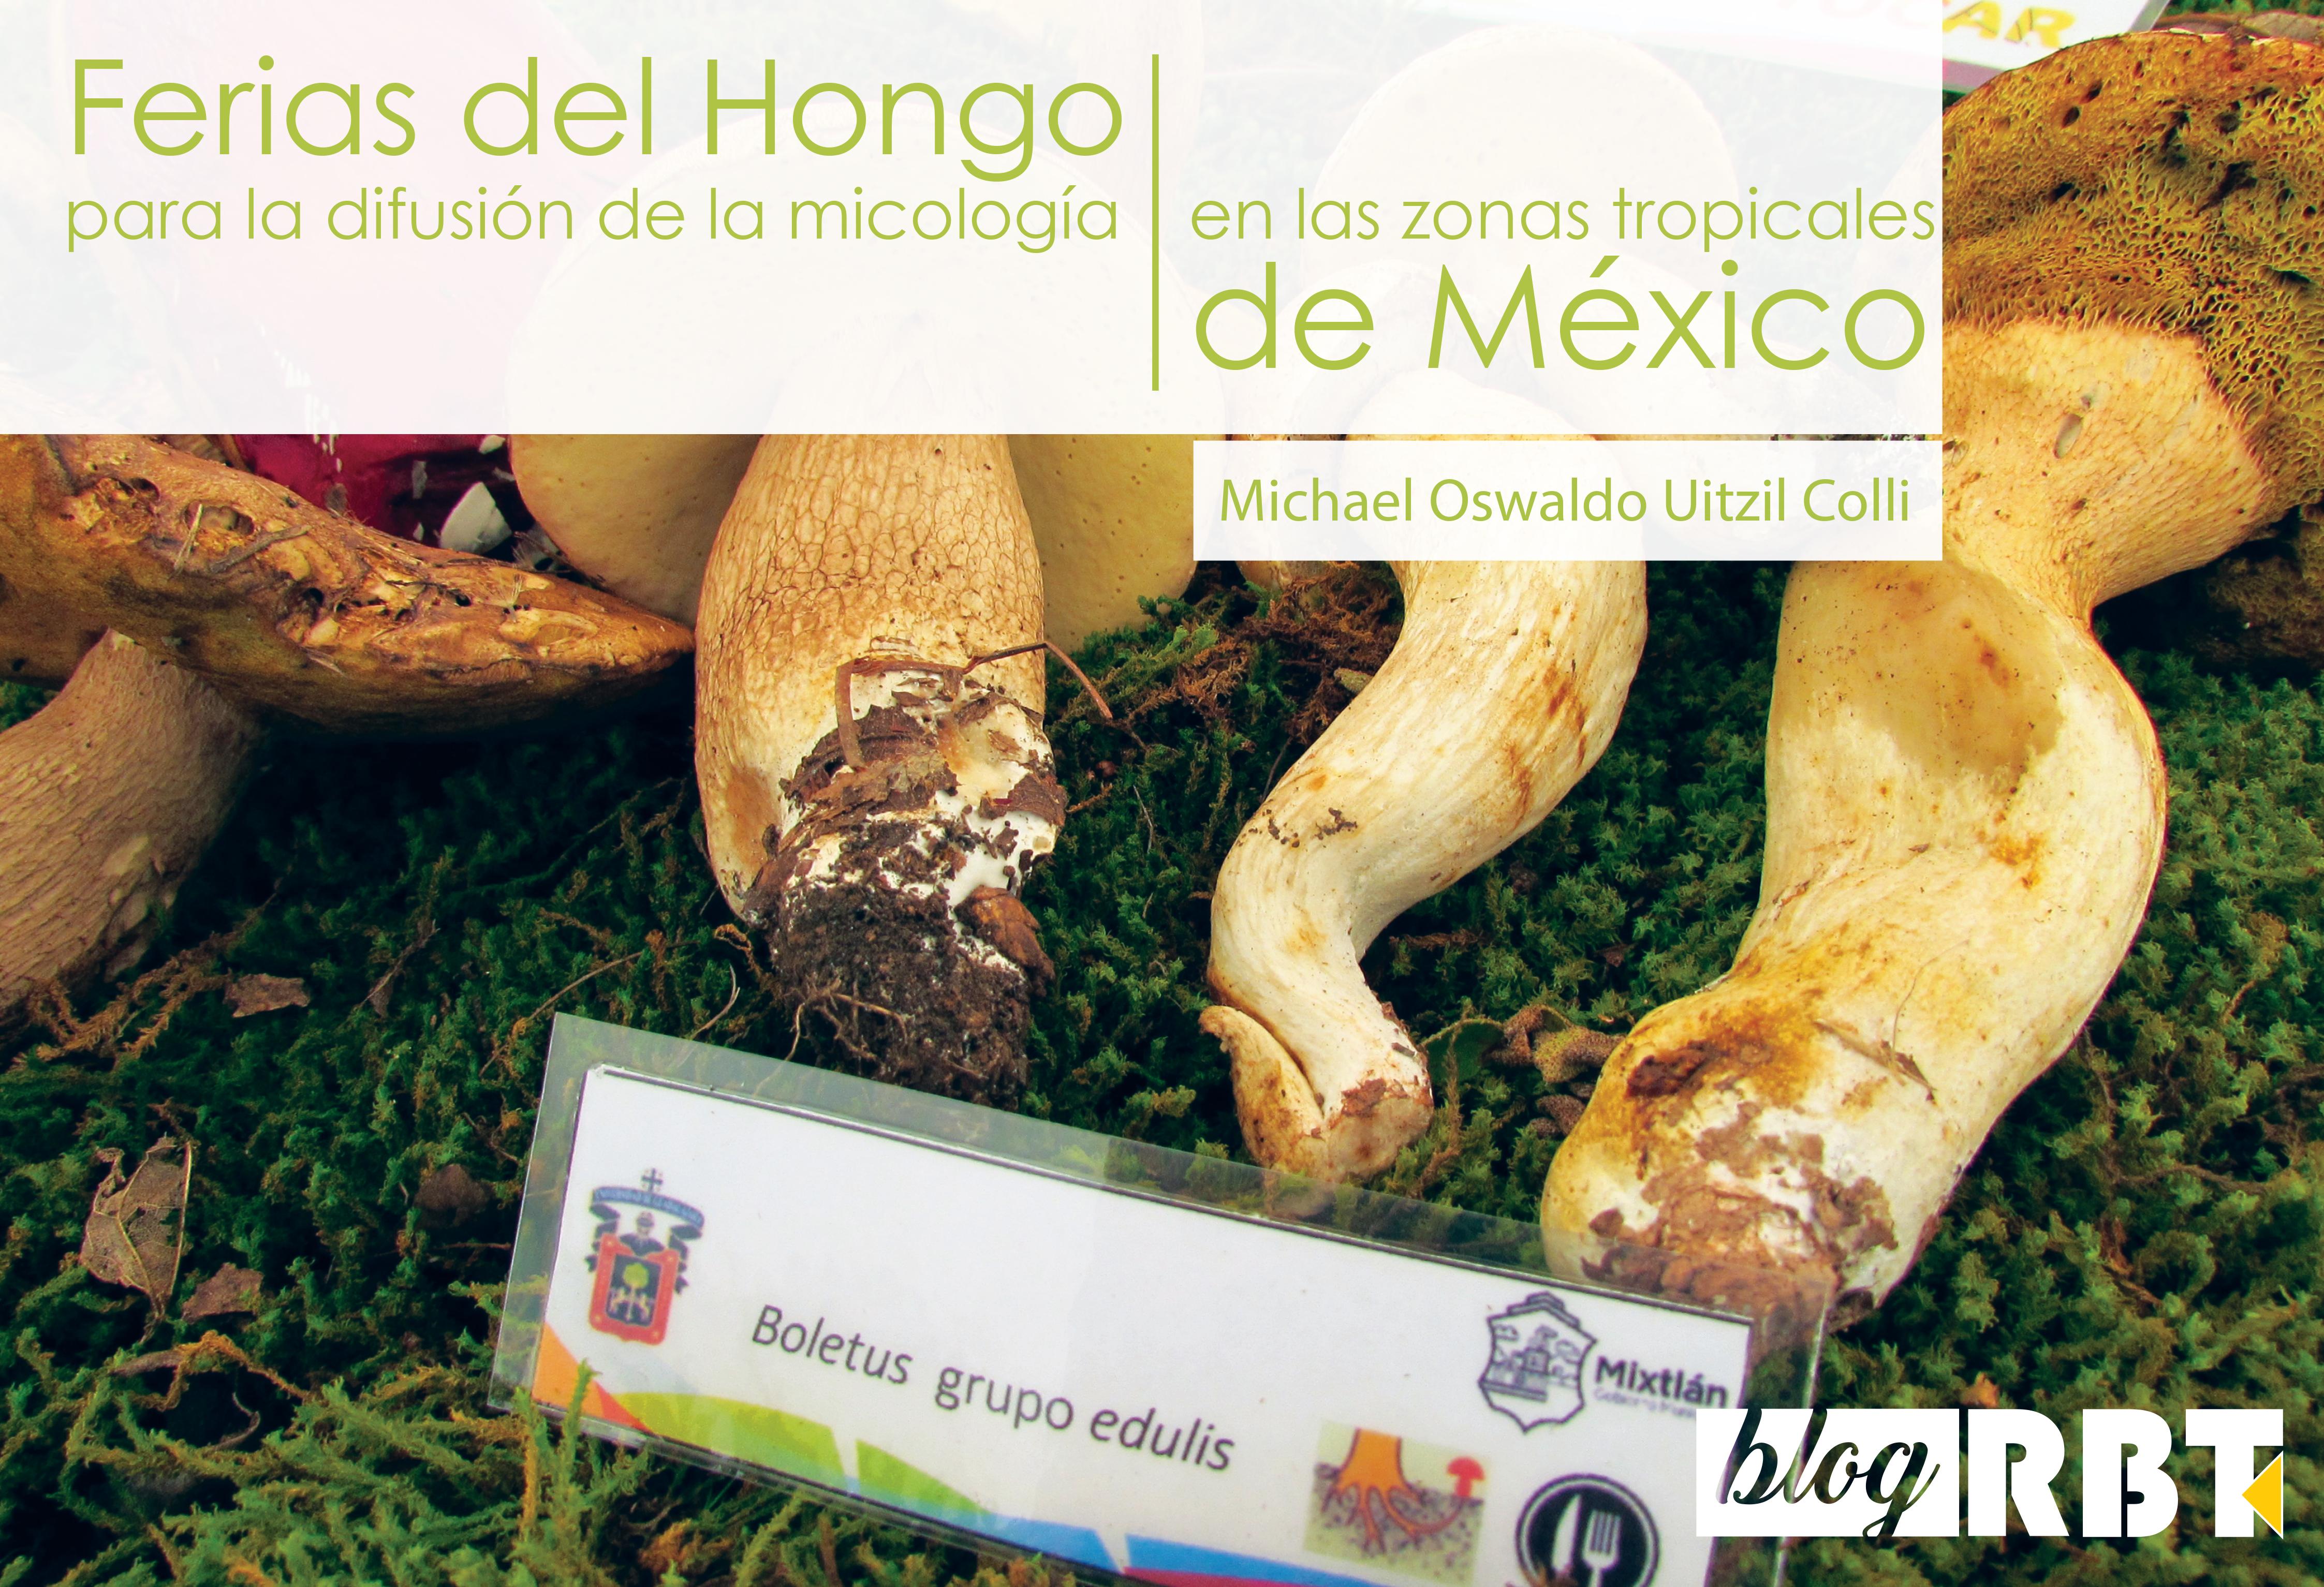 Muestra de hongos del género Boletus durante una exposición de hongos en Mixtlán, Jalisco. Fotografía de Michael Oswaldo Uitzil Colli